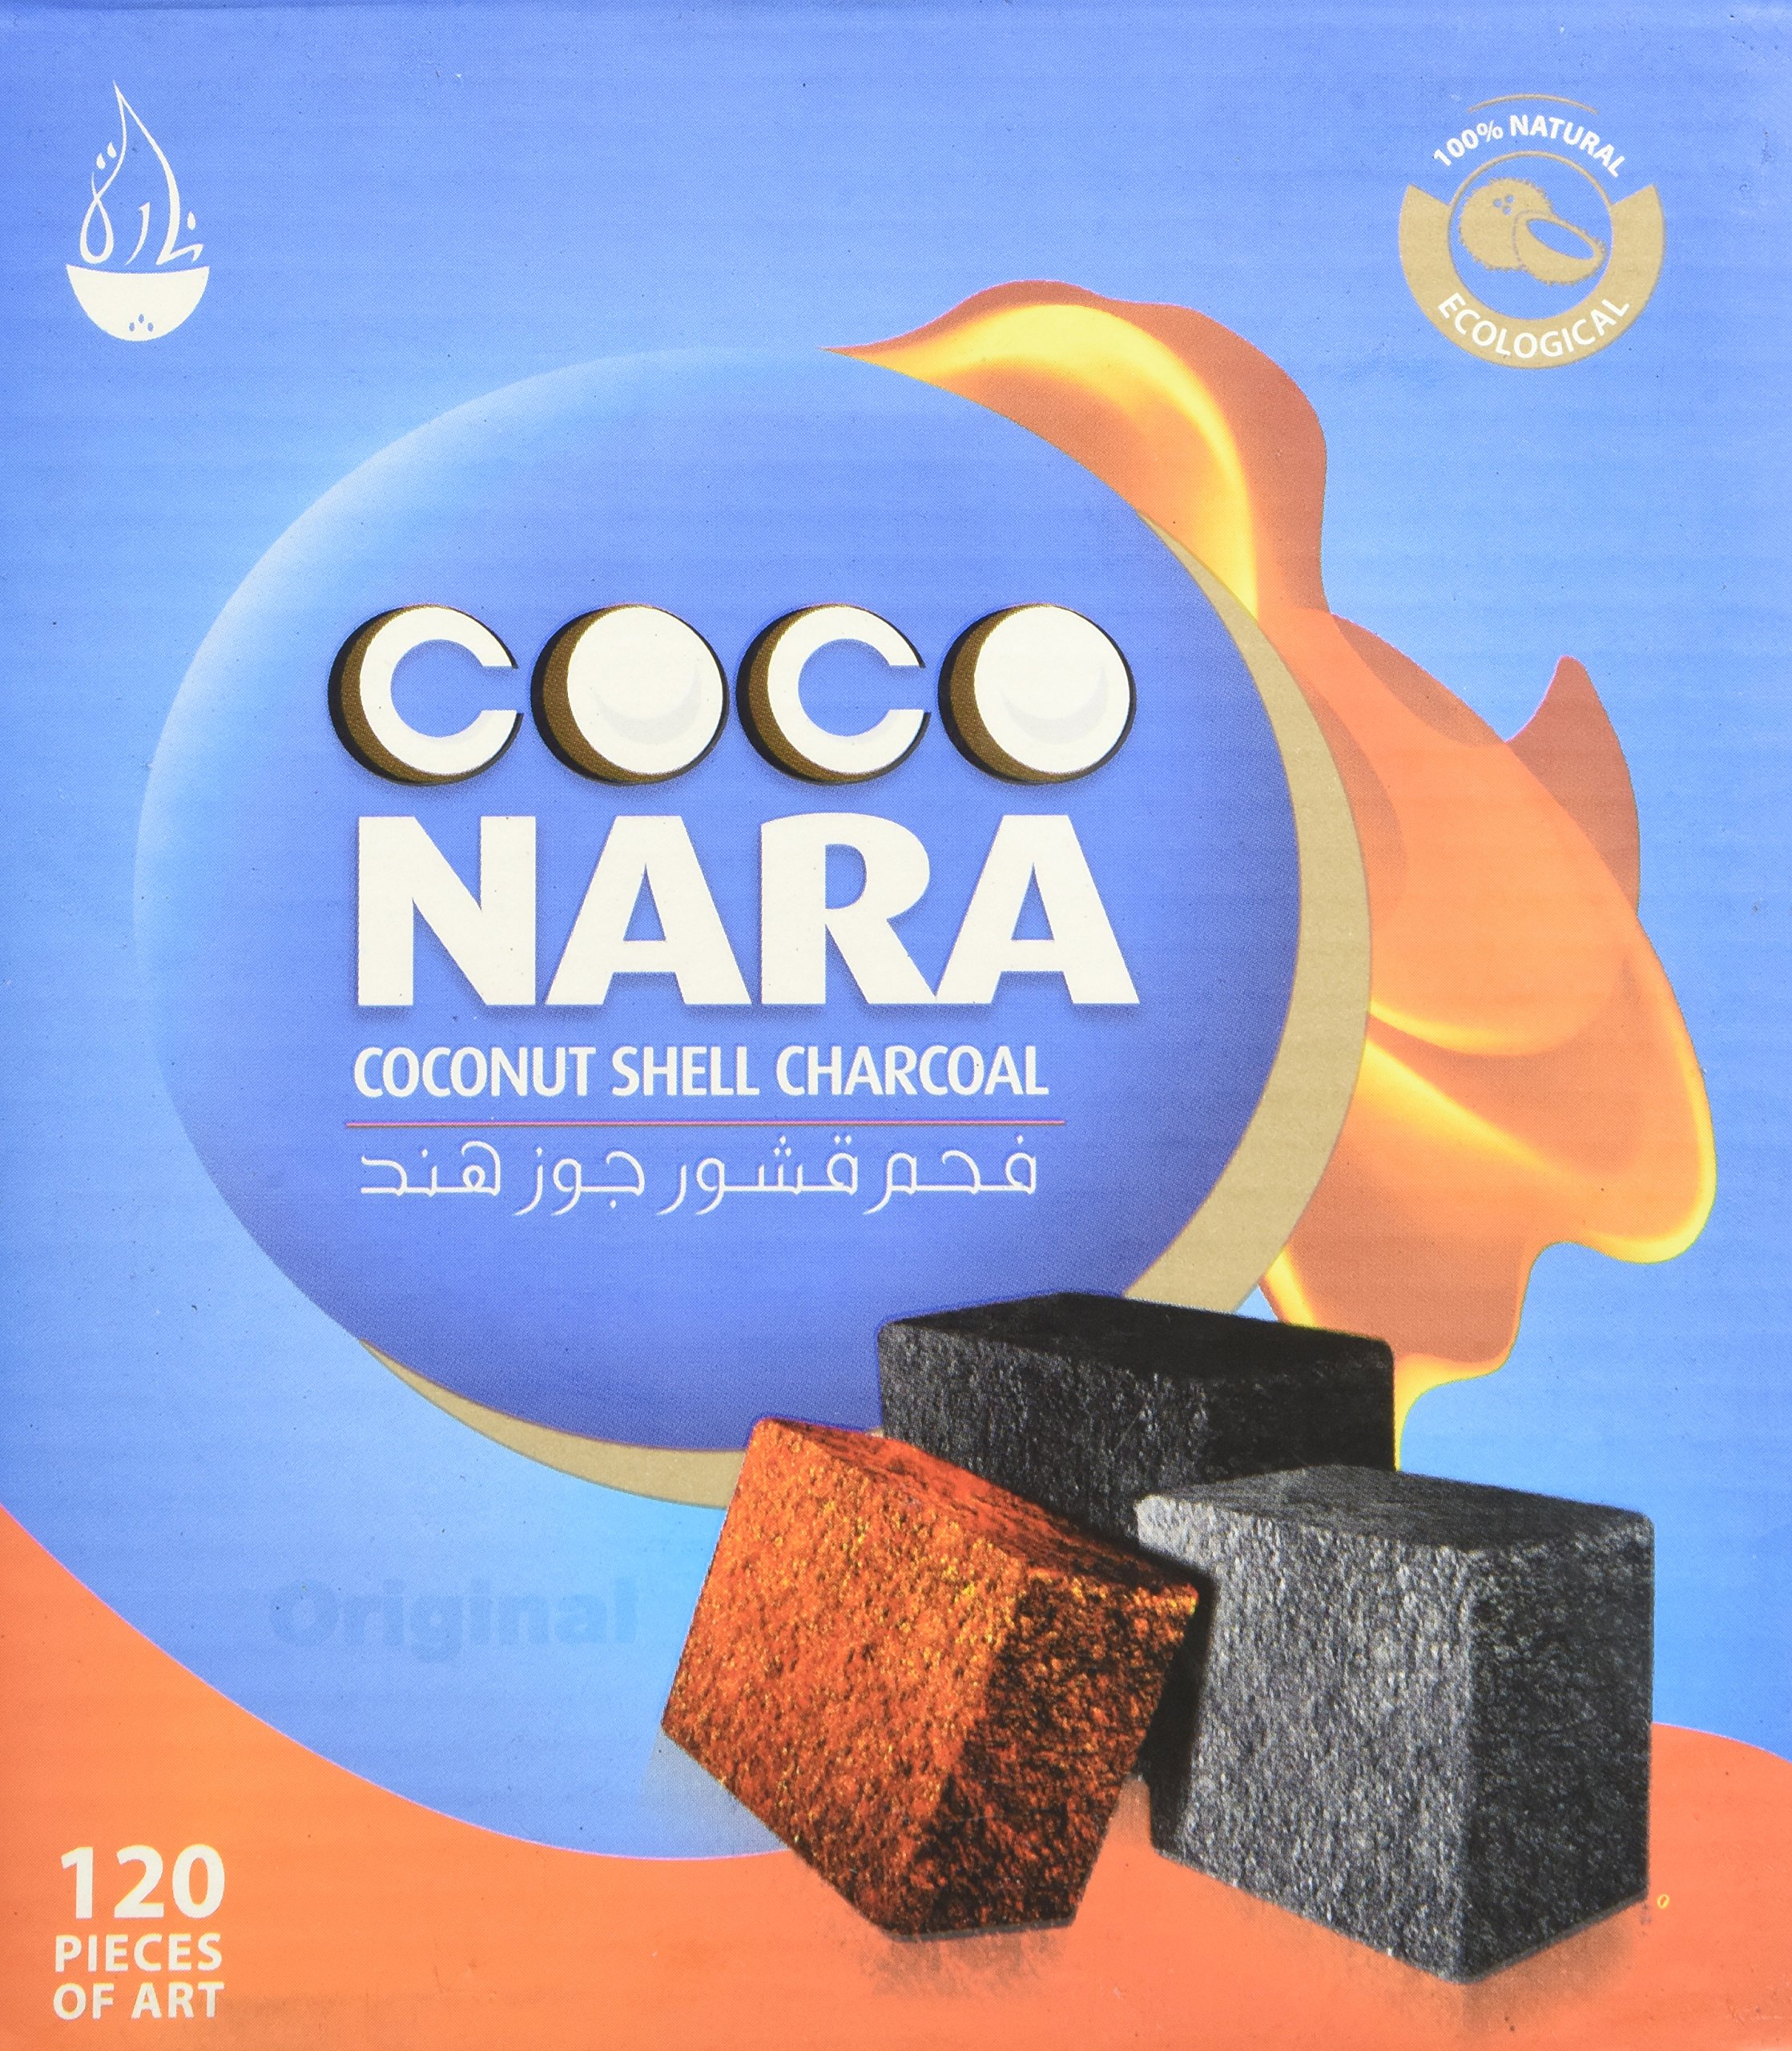 Box of 120pcs Coconut Coco nara coconara Premium Lighting Hookah Hokah charcoal coals- TOTAL 240pcs